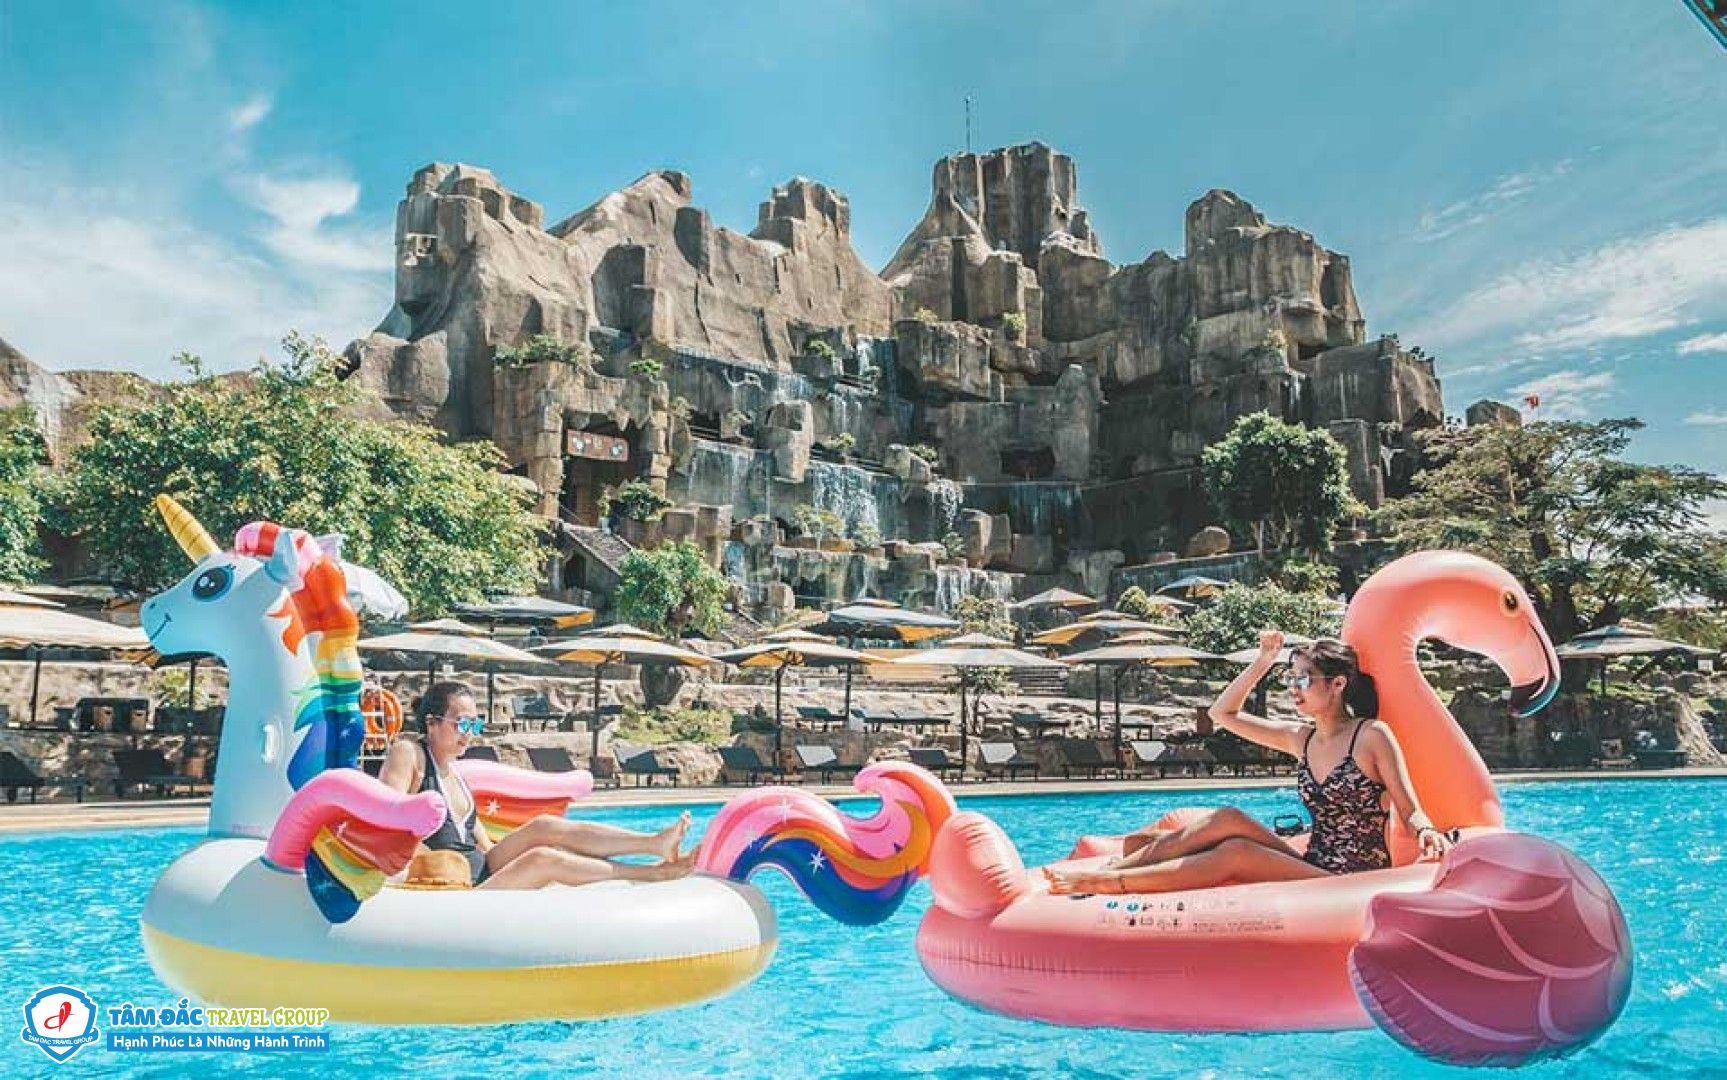 Tour du lịch Bảo Lộc - Đôi Dép Resort 5 Sao - 2 ngày 2 đêm - Siêu Hot